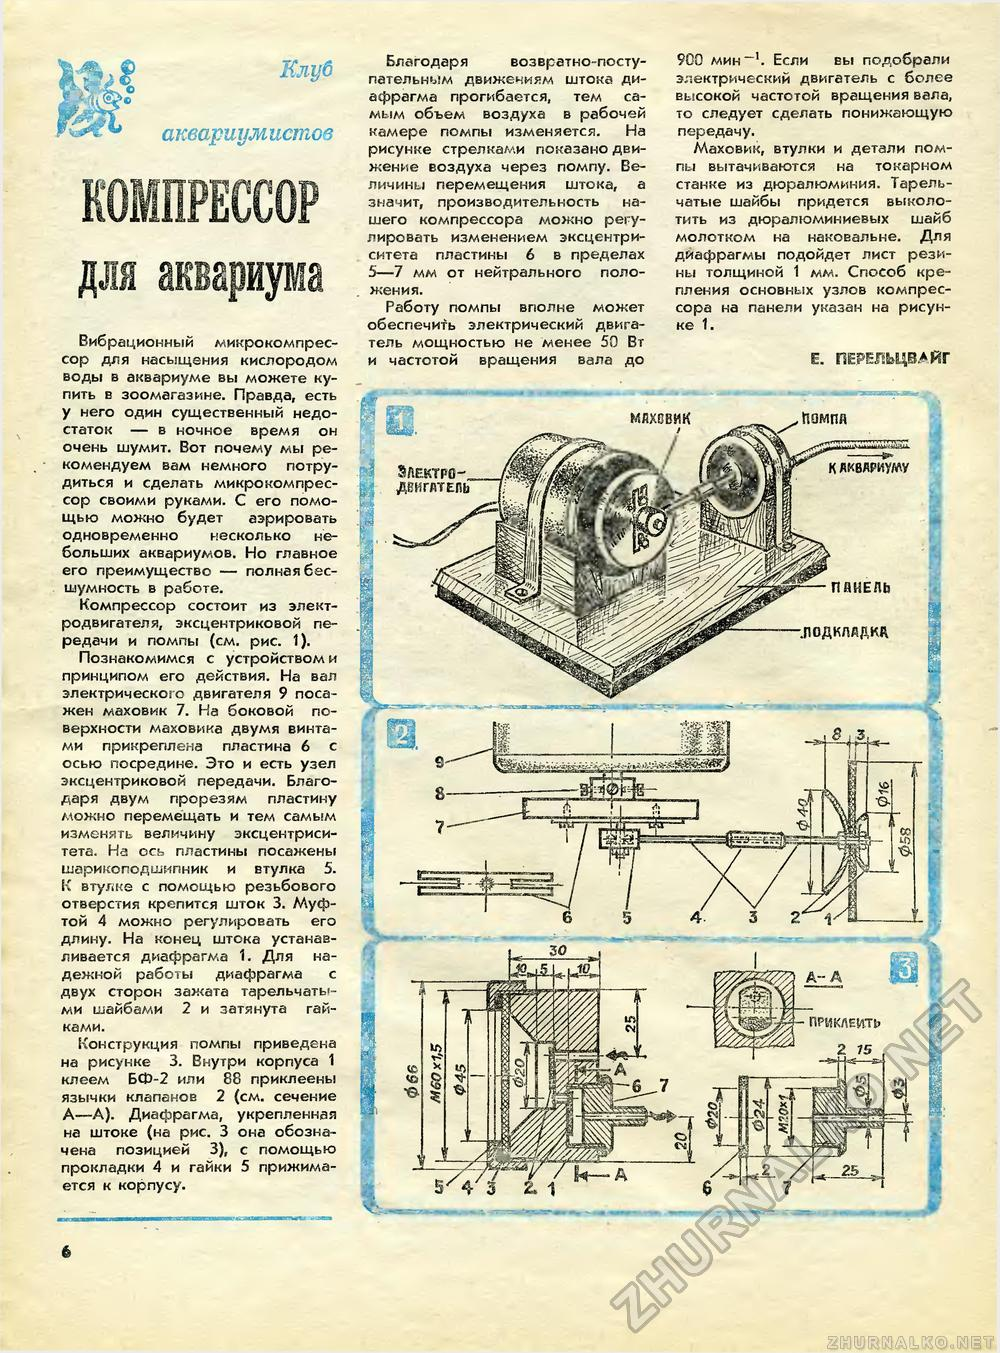 Ремонт аквариумного компрессора своими руками